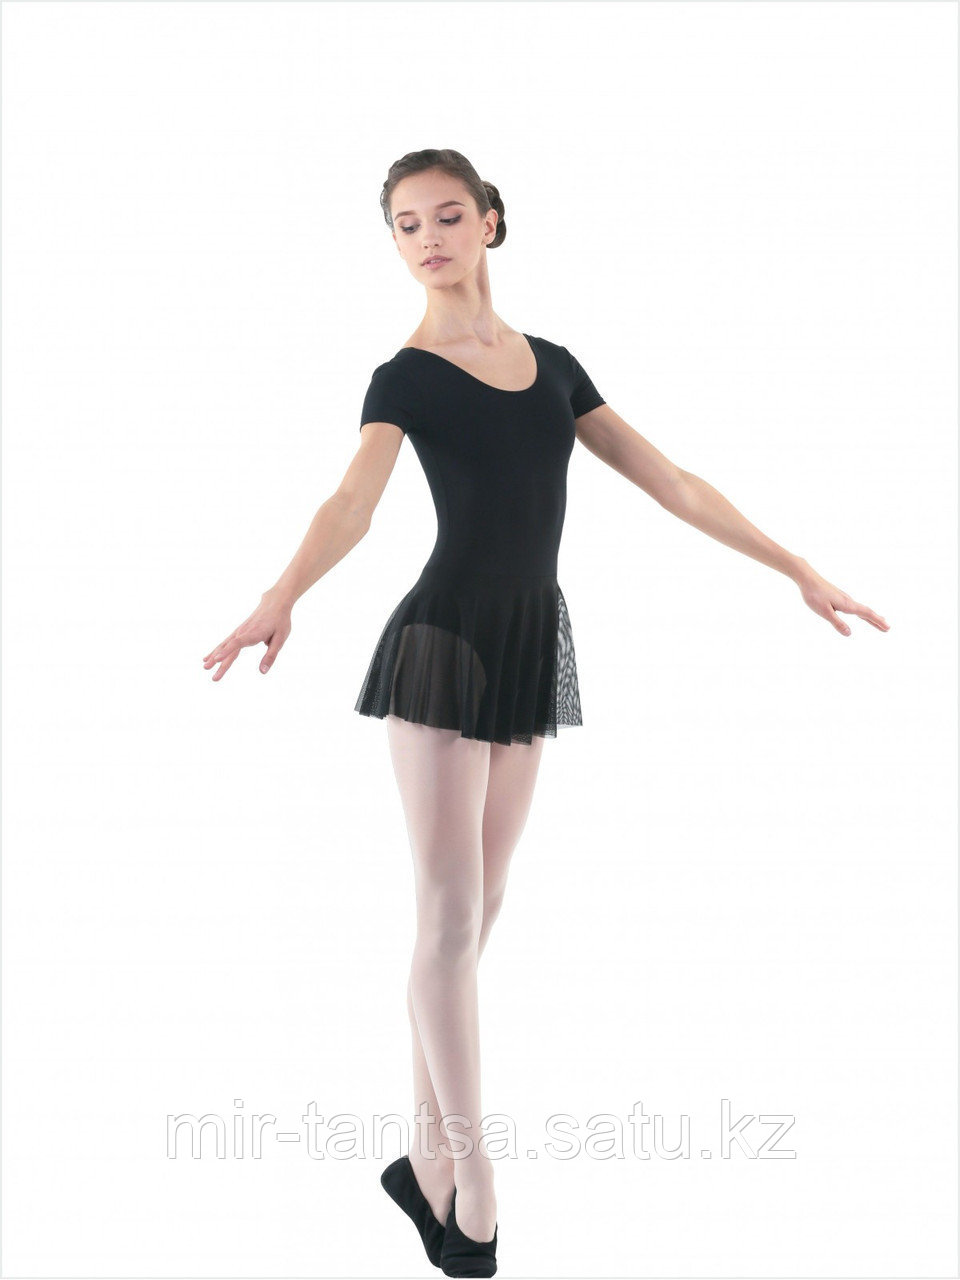 FD961 Купальник для хореографии и танцев белый /черный 38  размер